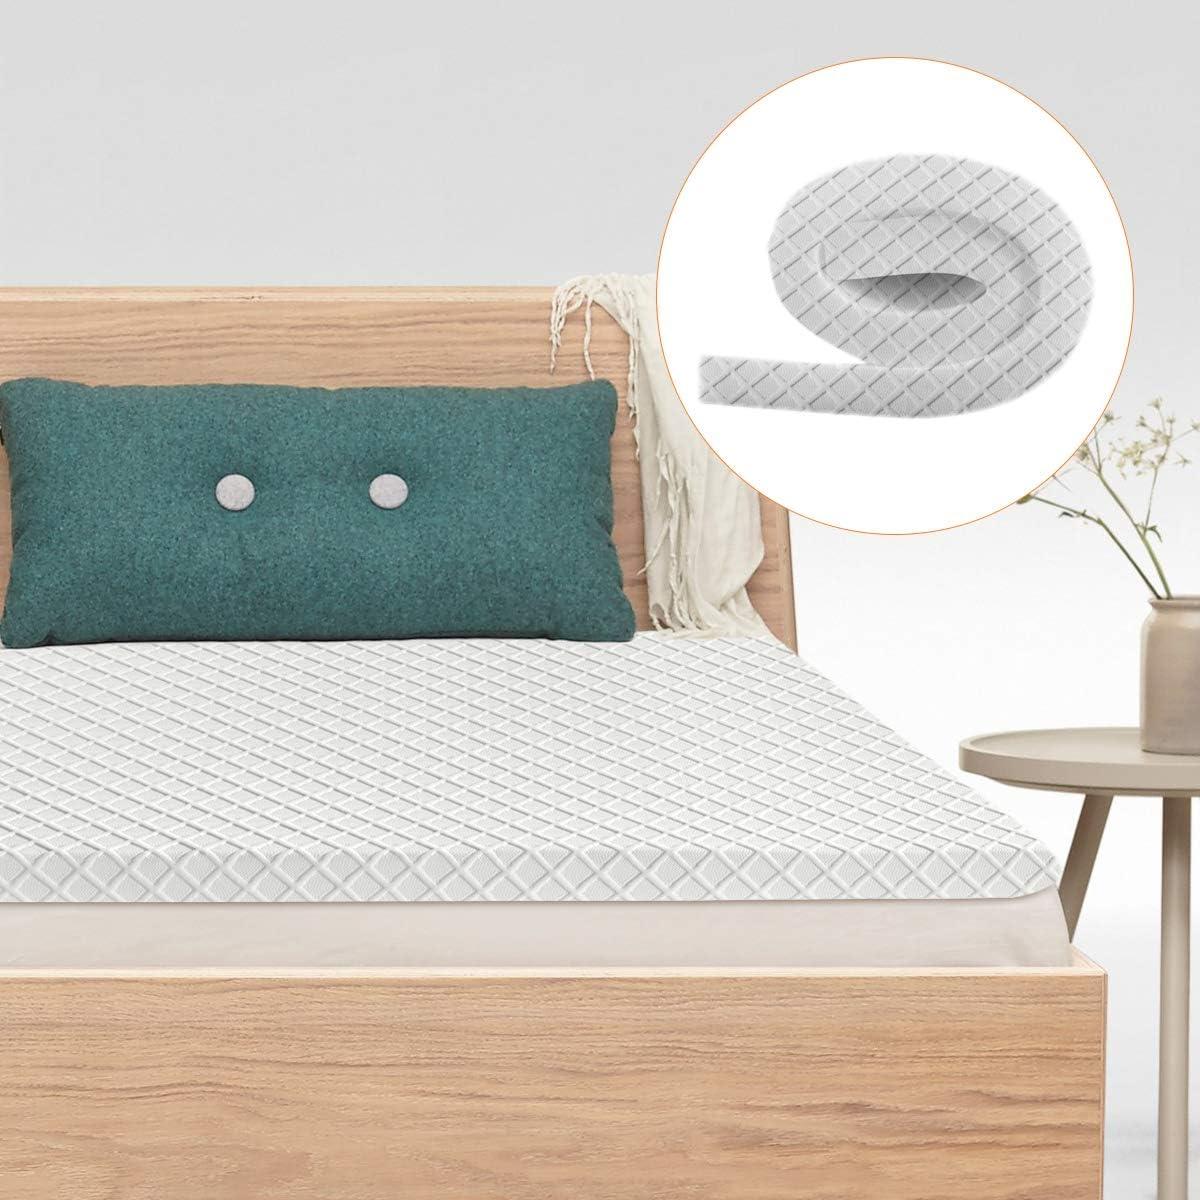 90 x 200 cm Gimify Materasso Singolo a Molle Insacchettate Sistema di Supporto a 7 Zone con Comodo Materasso Antivento in Tessuto Traspirante